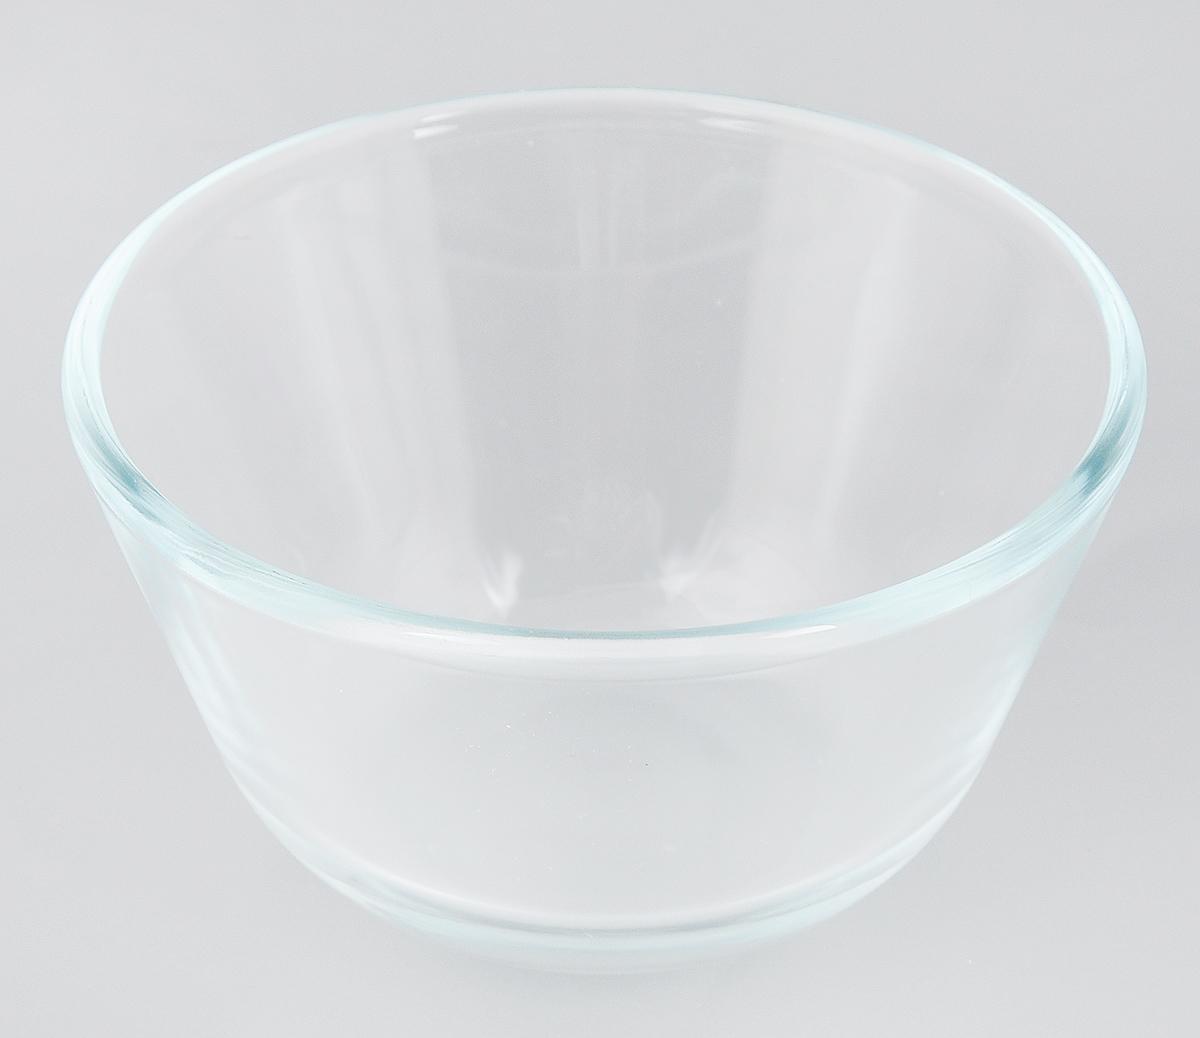 Миска Sсovo, 400 мл610Миска Sсovo изготовлена из термостойкого и экологически чистого стекла. Предназначена для приготовления пищи в духовке, жарочном шкафу и микроволновой печи. Миска прекрасно подойдет для хранения и замораживания различных продуктов, а также для сервировки и декоративного оформления праздничного стола.Миска Sсovo станет незаменимым аксессуаром на кухне для любой хозяйки.Можно мыть в посудомоечной машине. Высота стенки: 6,5 см. Диаметр миски (по верхнему краю): 12,5 см.